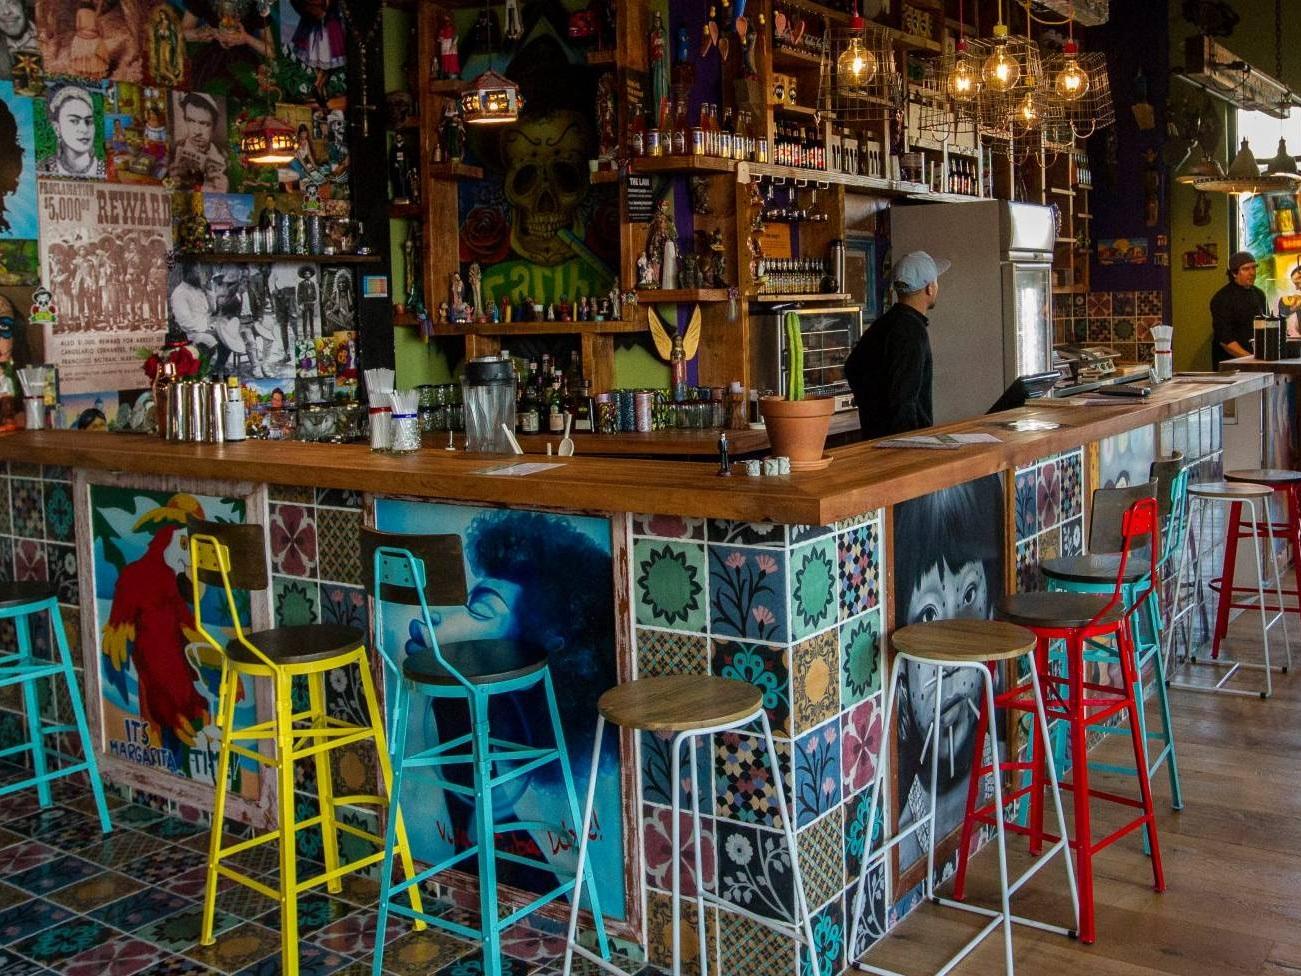 Little High Eatery, Christchurch